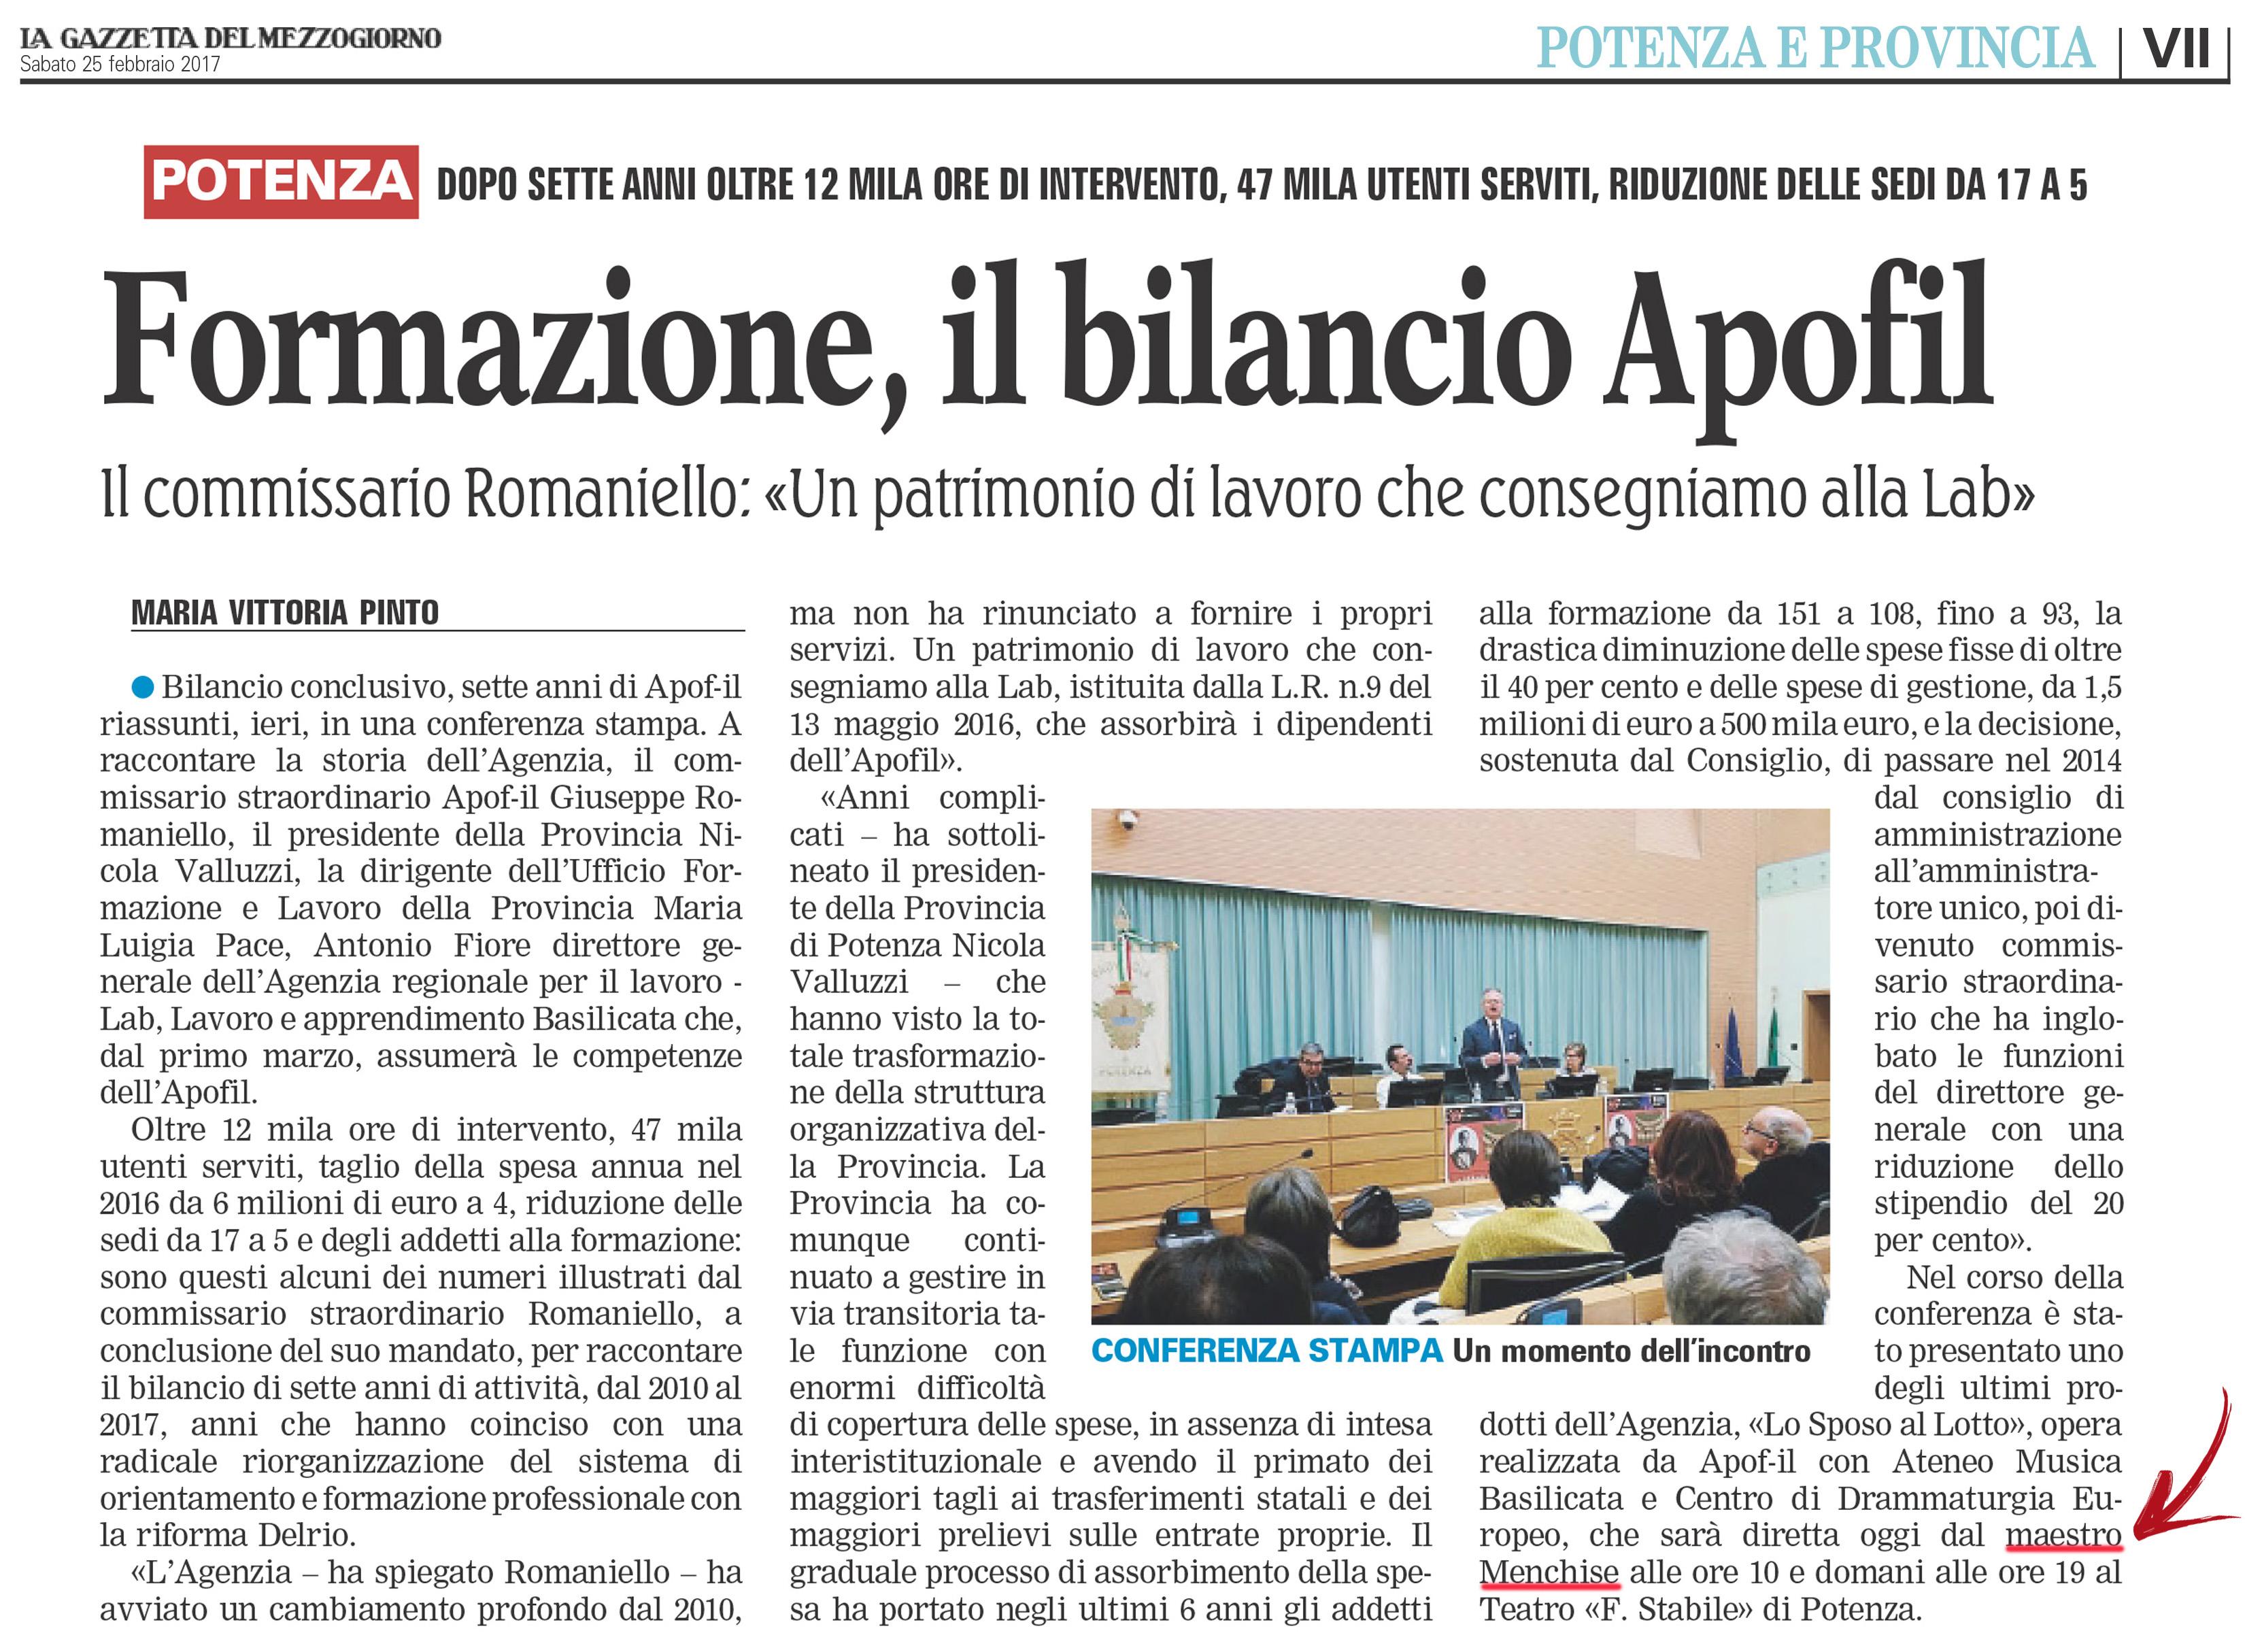 La Gazzetta_25 febbraio 2017